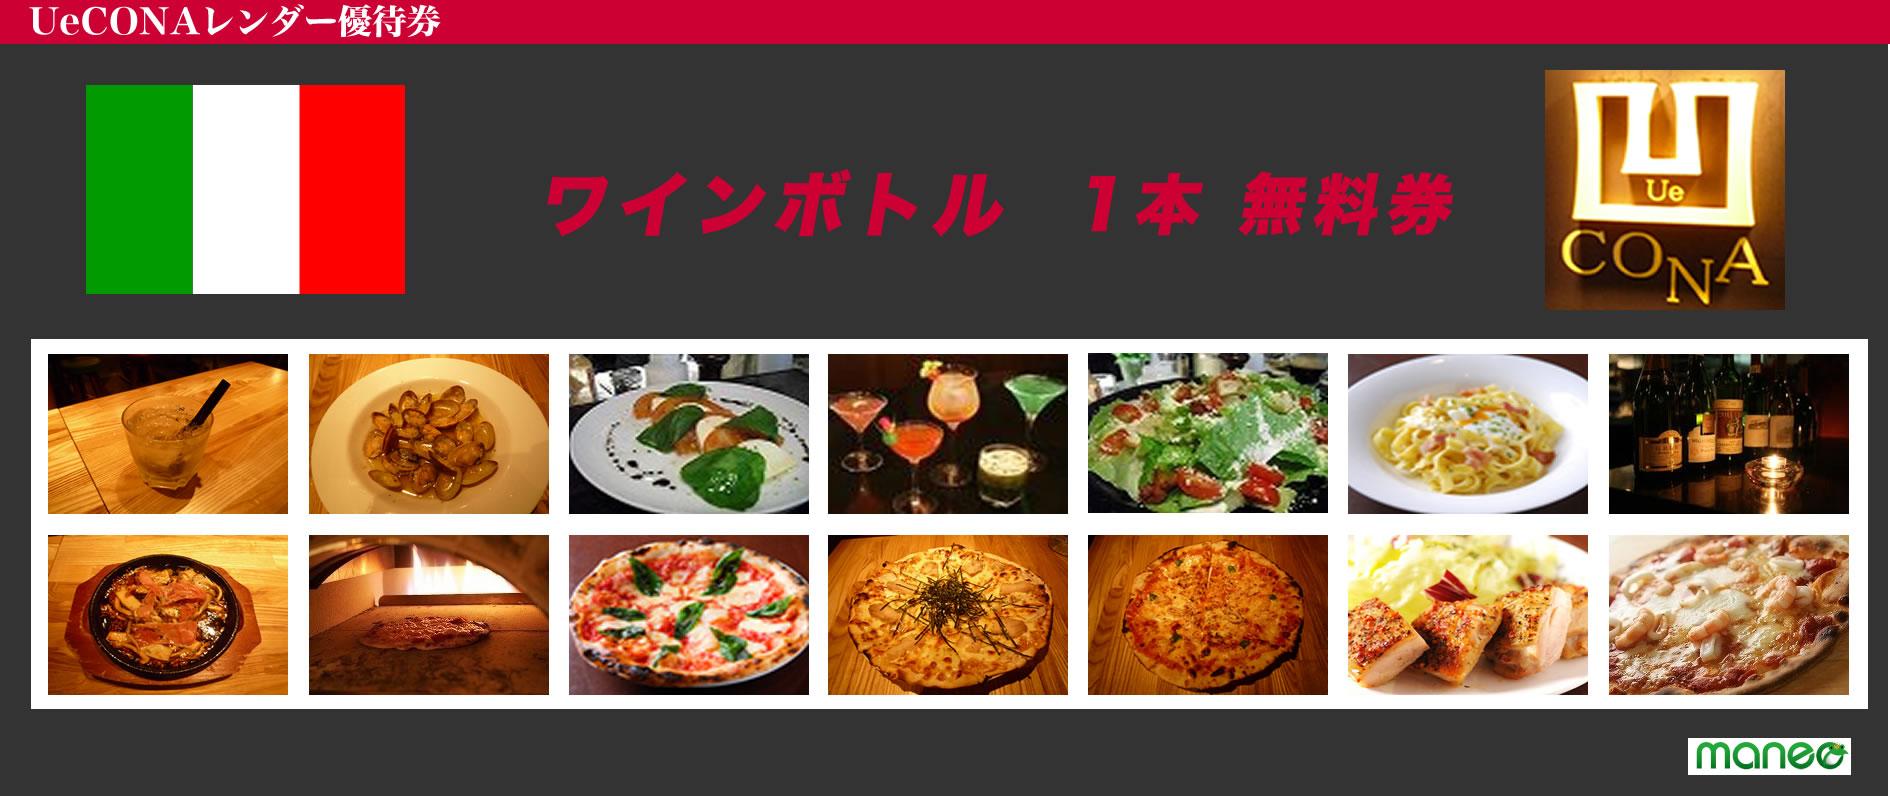 イタリアンレストラン第2弾 田町店 レンダー優待券